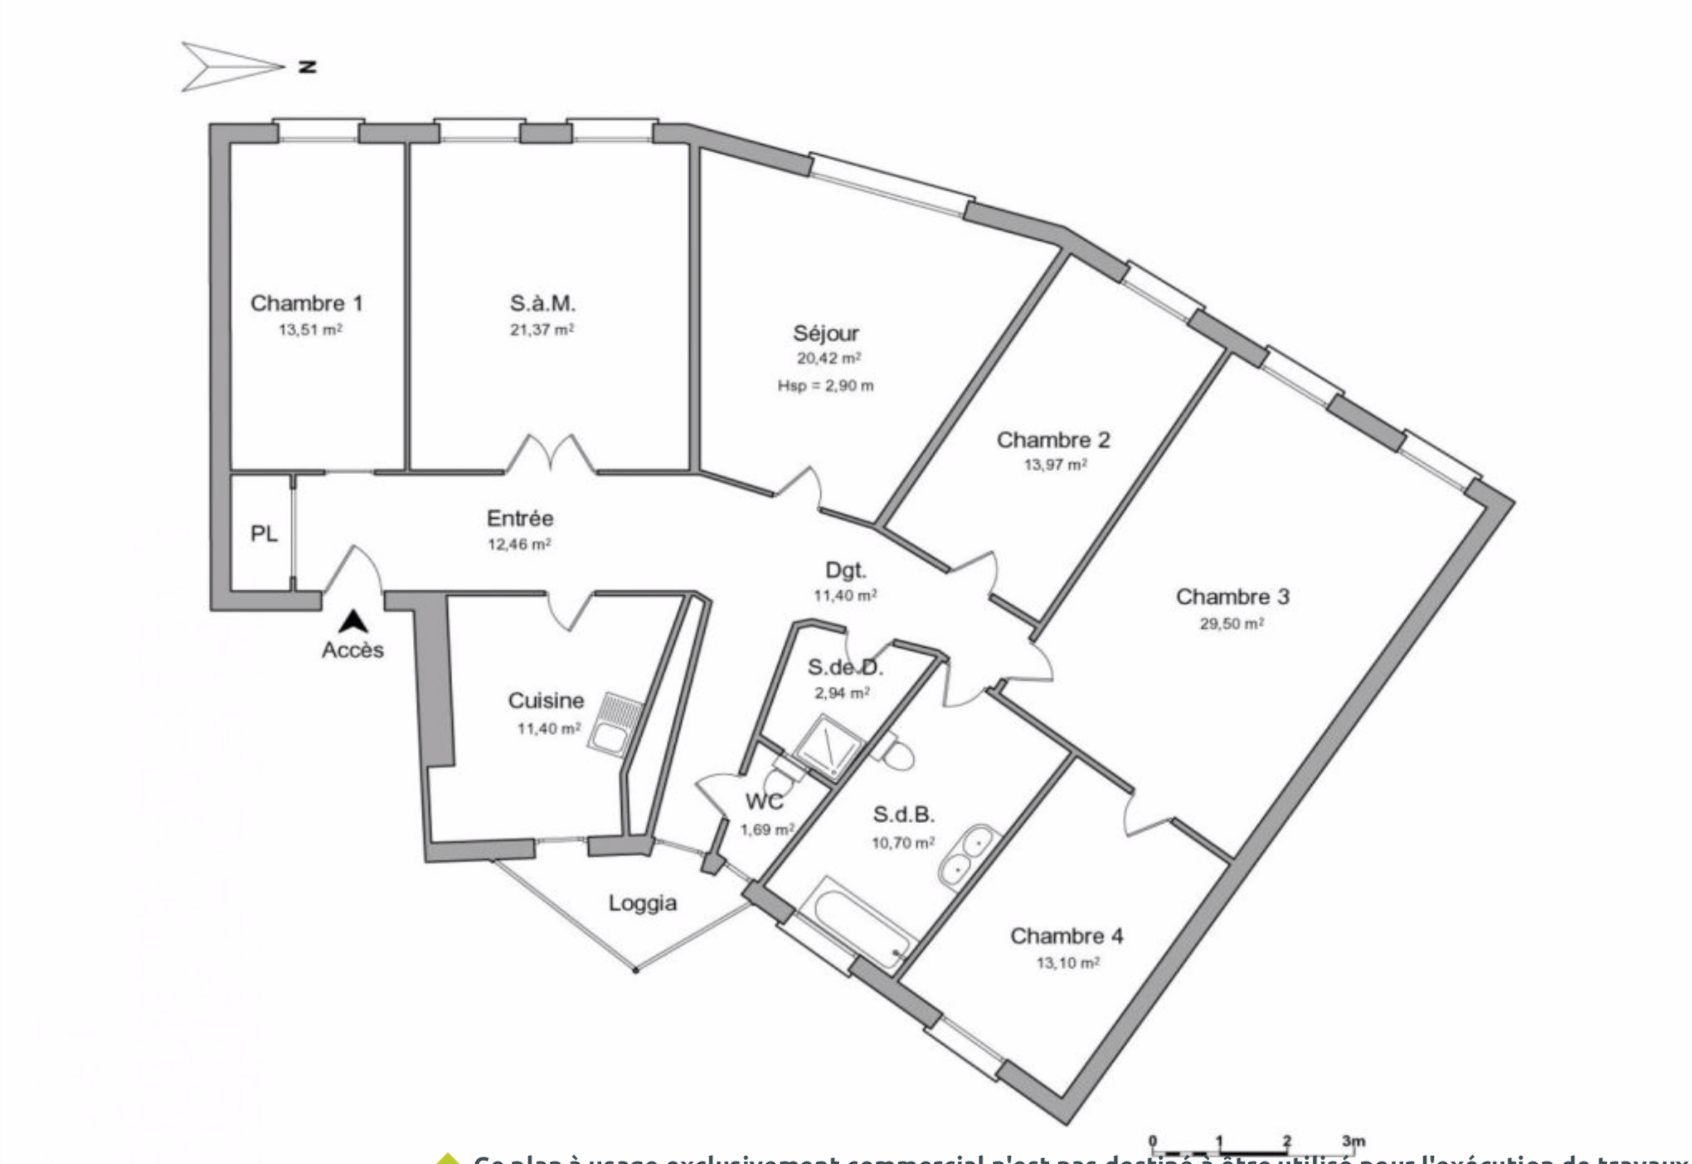 Exceptionnel 6pièces au Coeur de la NEUSTADT - Devenez locataire en toute sérénité - Bintz Immobilier - 4